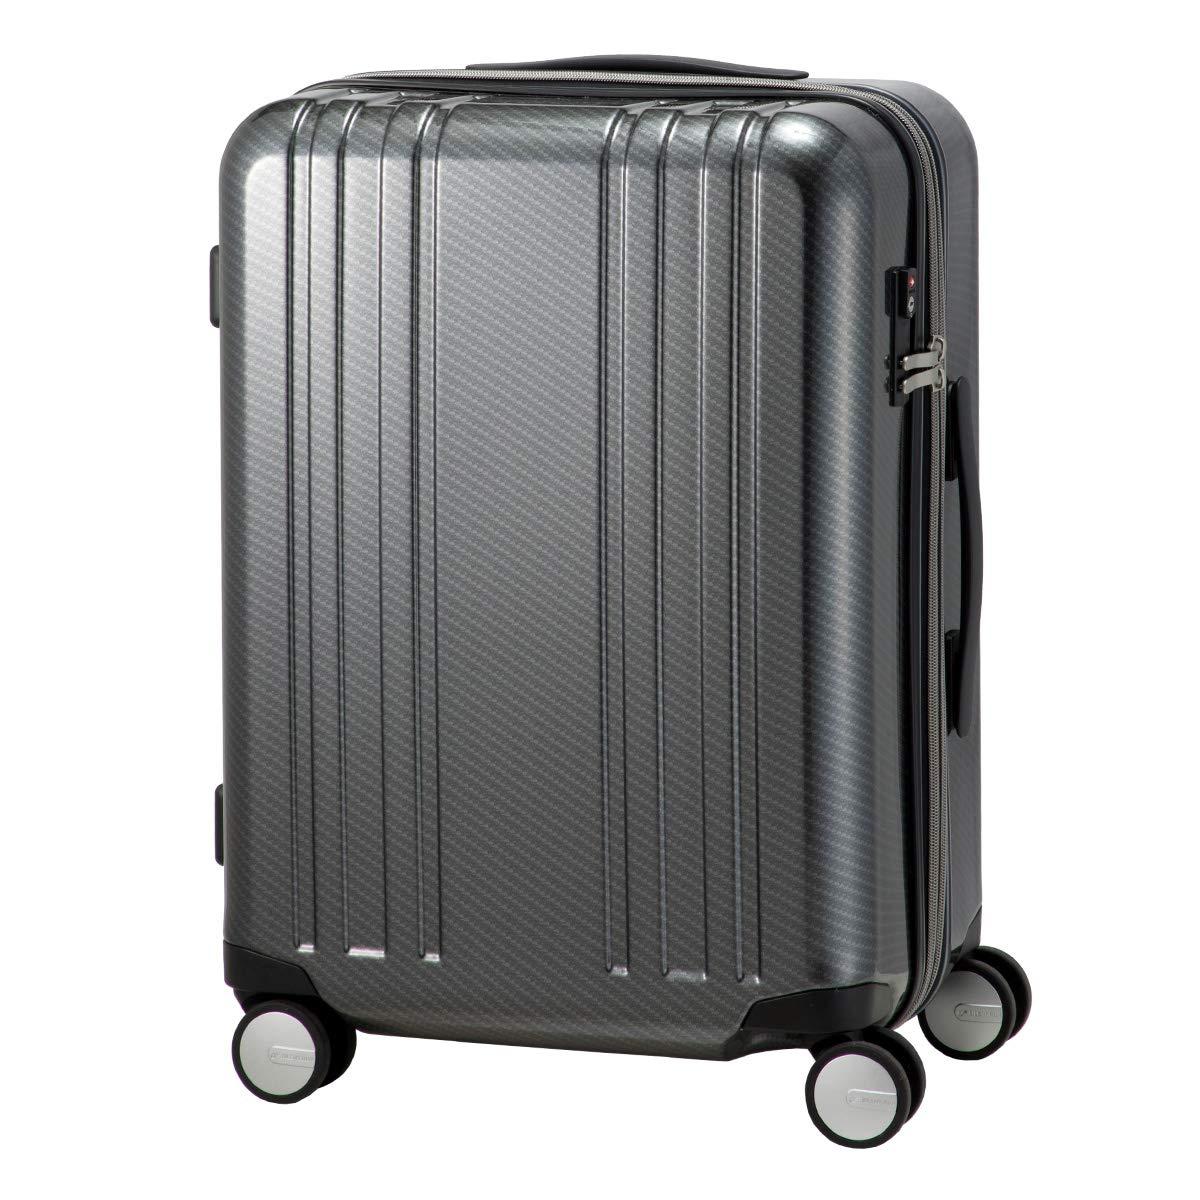 [プラスワン] スーツケース アルファスカイ 64L 55cm 3.8kg 9911-55EX  BLACK-CARBON B07RD3N9JM